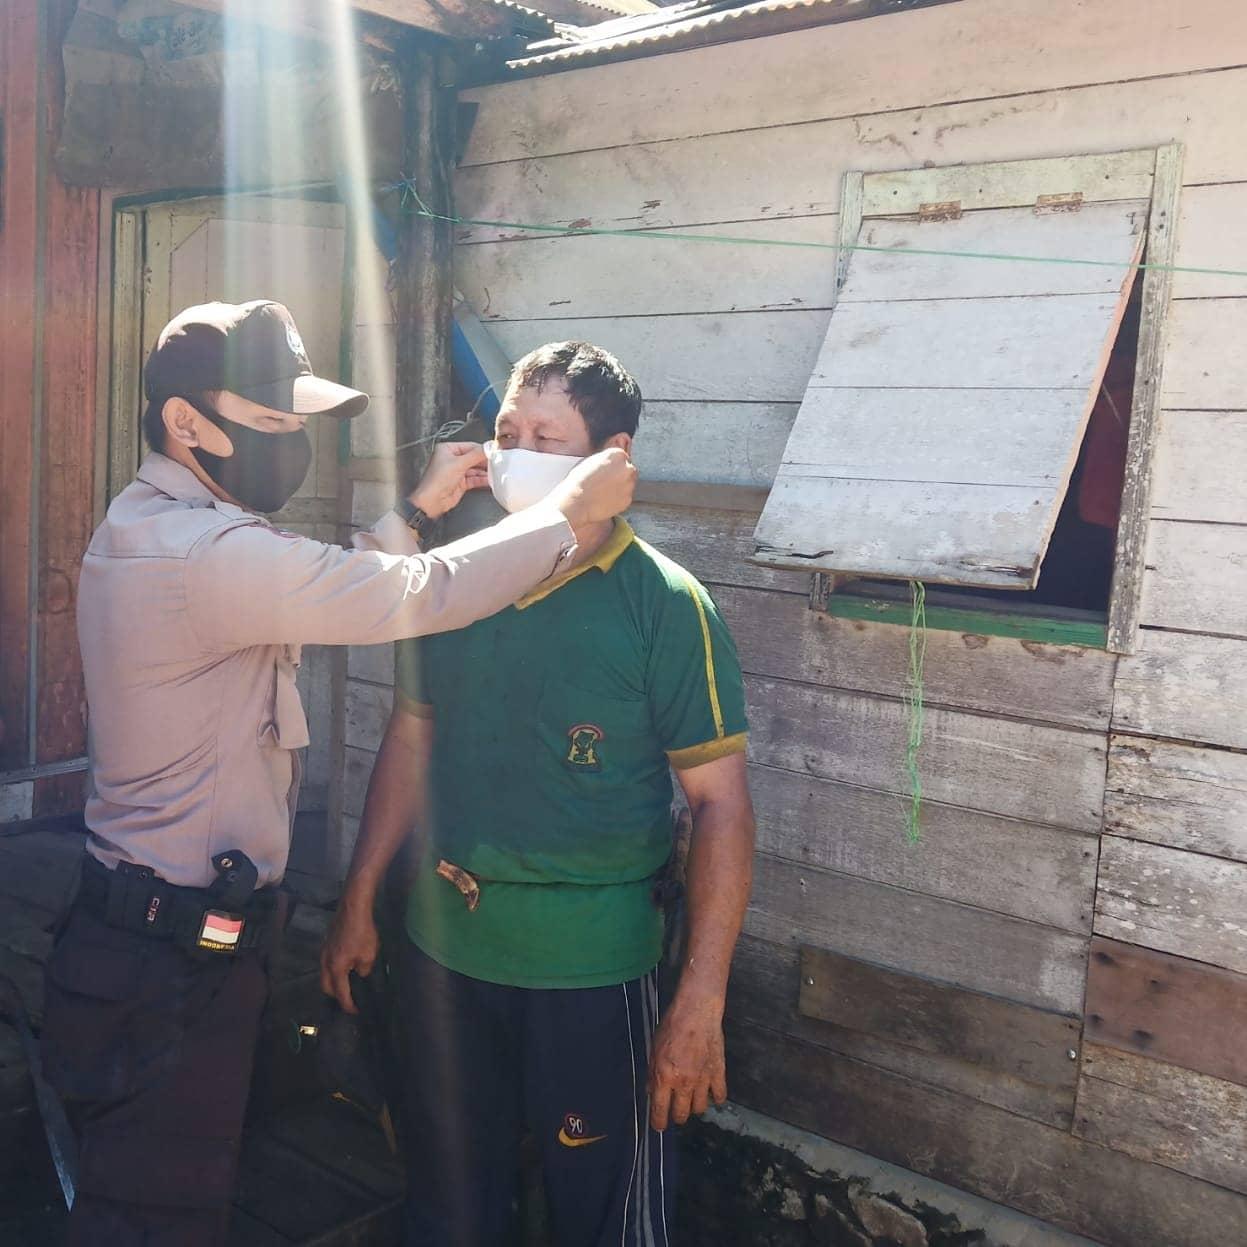 Disiplinkan Masyarakat, Bhabinkamtibmas Desa Putut Tawuluh laksanakan Sosialisasi